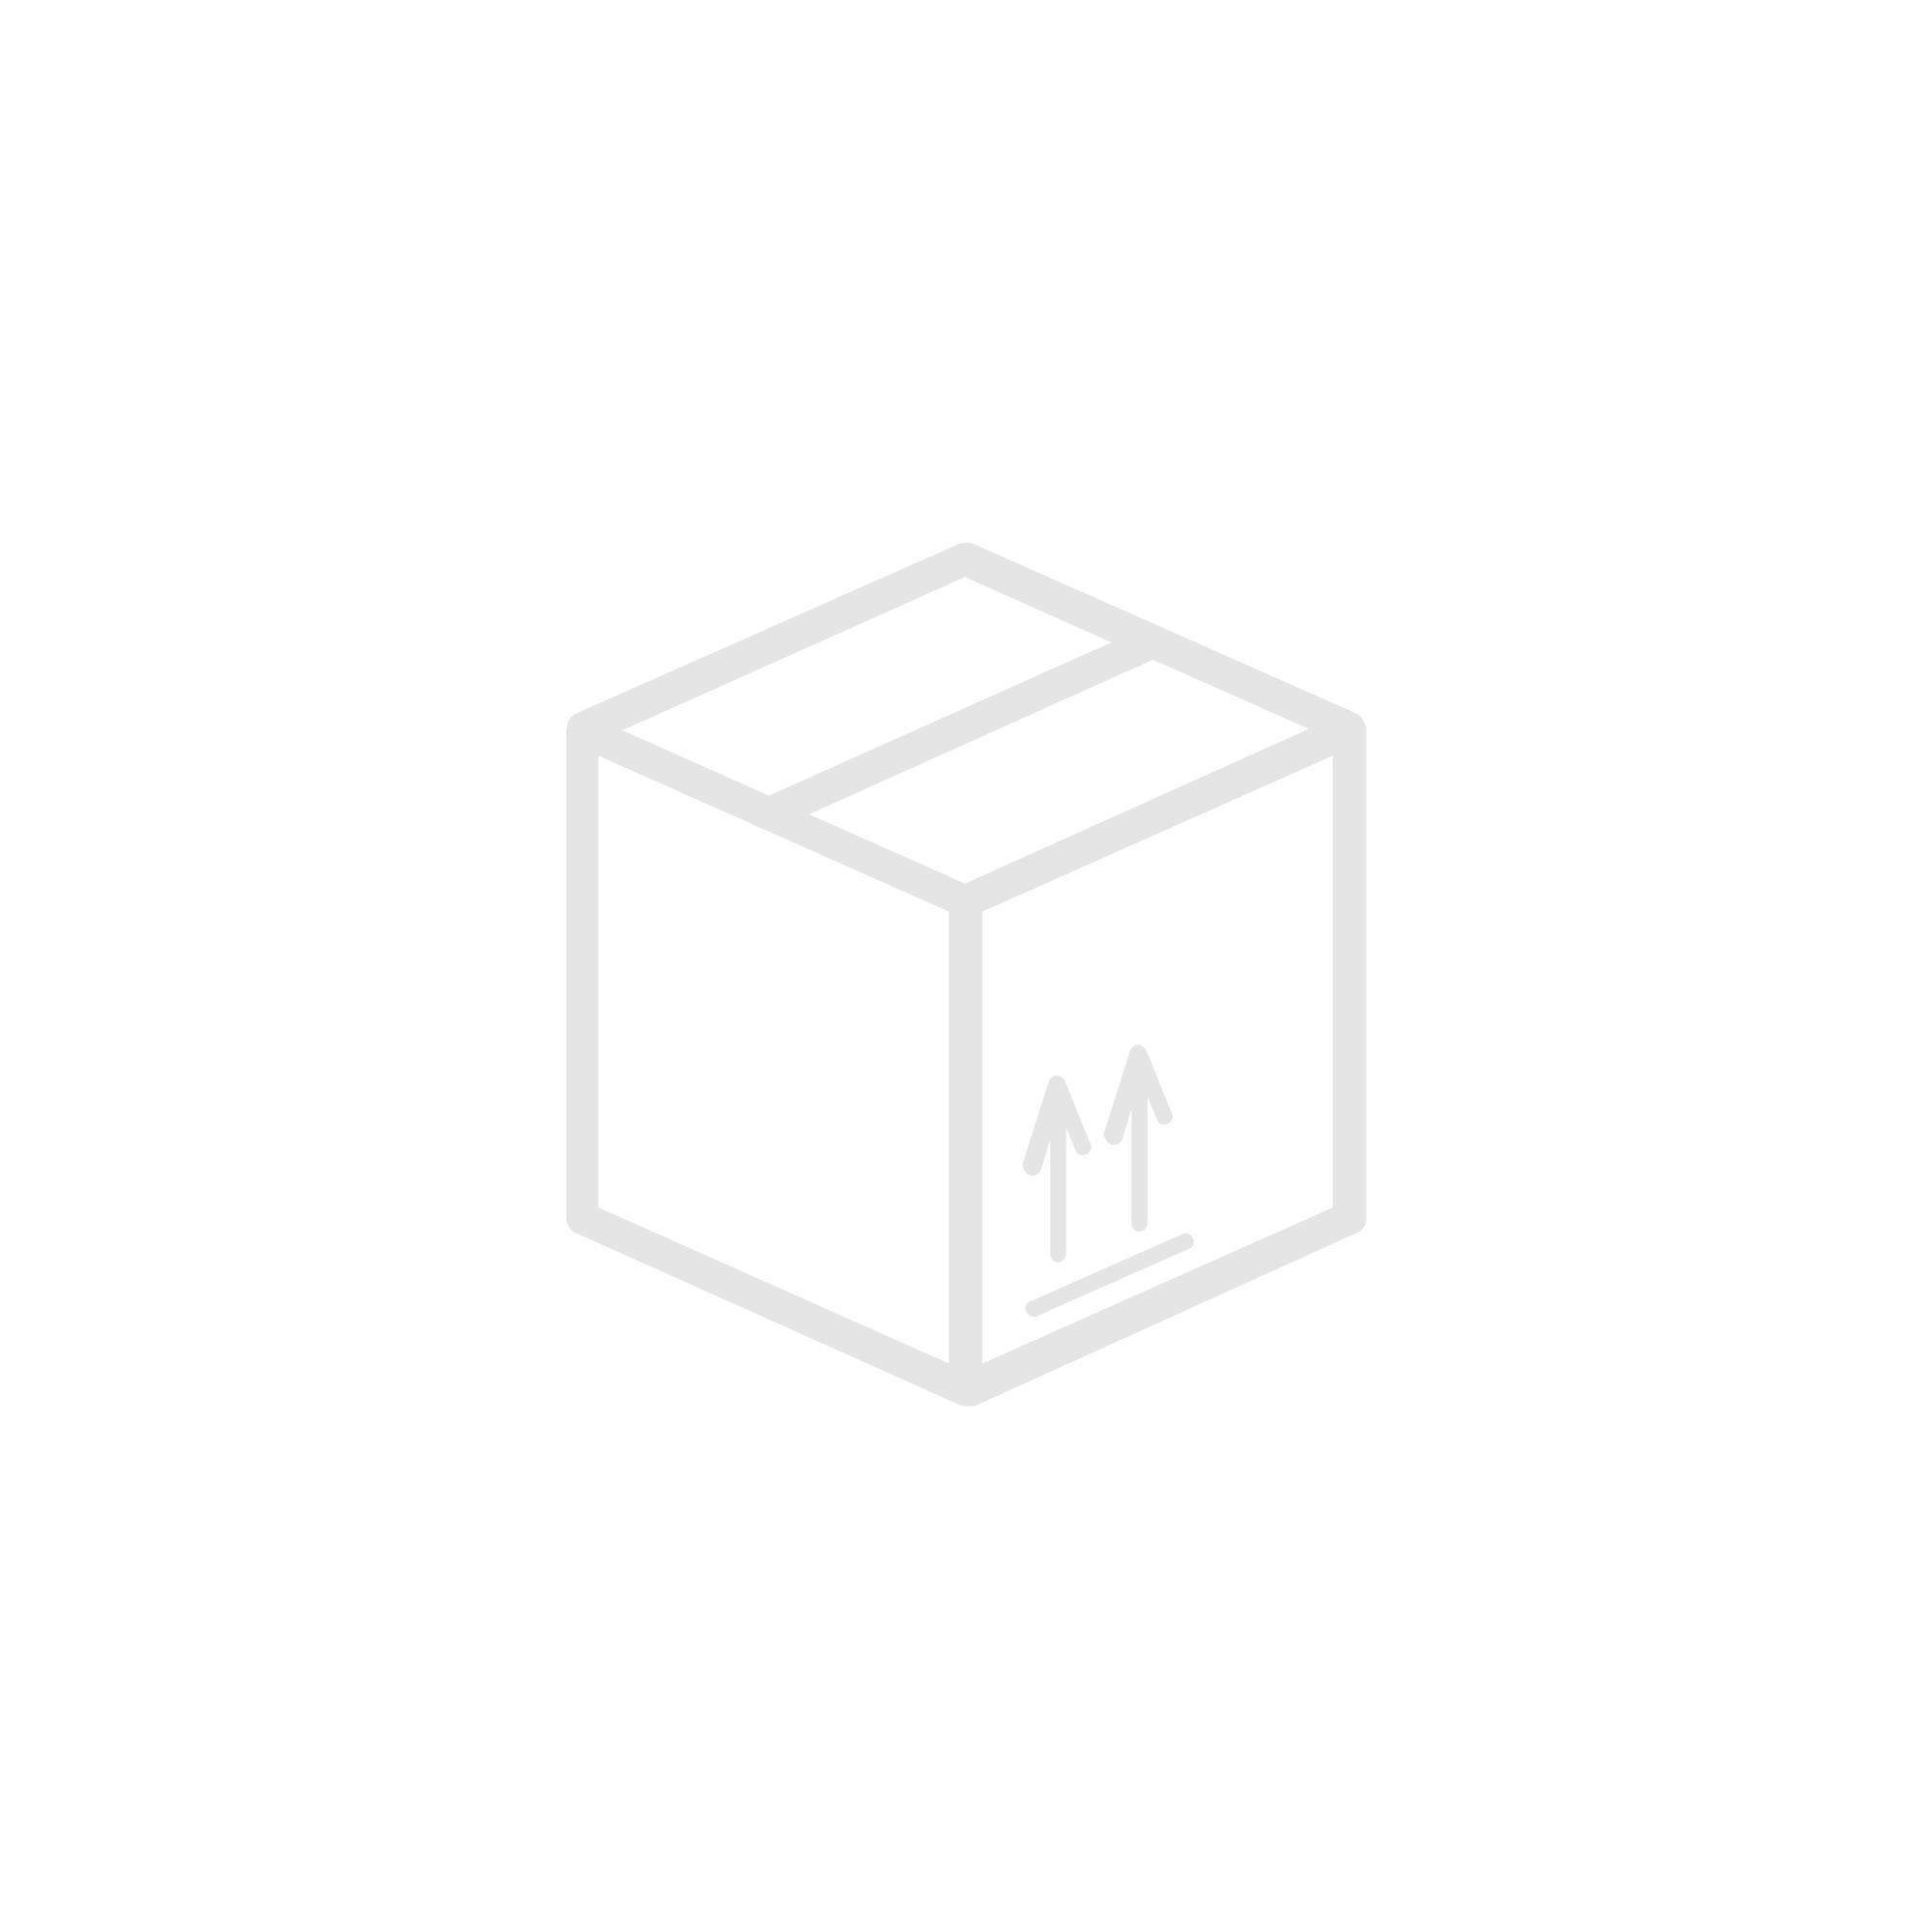 DISANO Svítidlo LED SUSA 3381 40W 3000K IP66 šedá